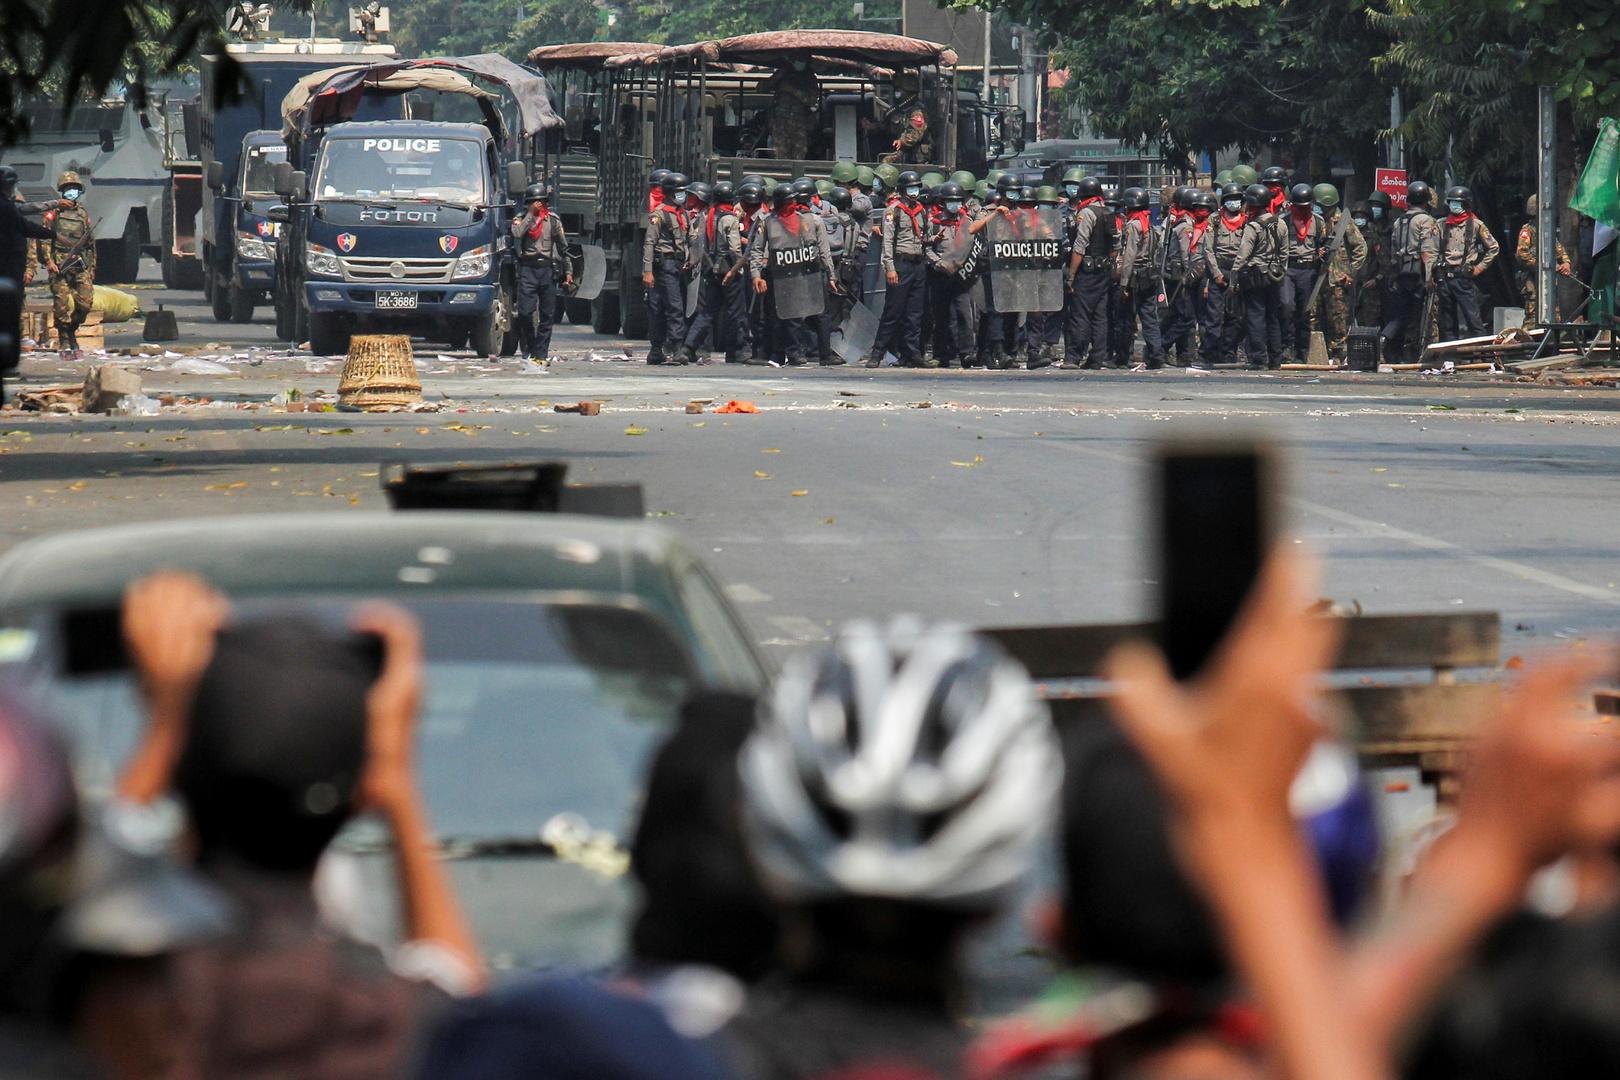 تقارير: قوات الأمن تقتل عشرات المحتجين جنوب ميانمار